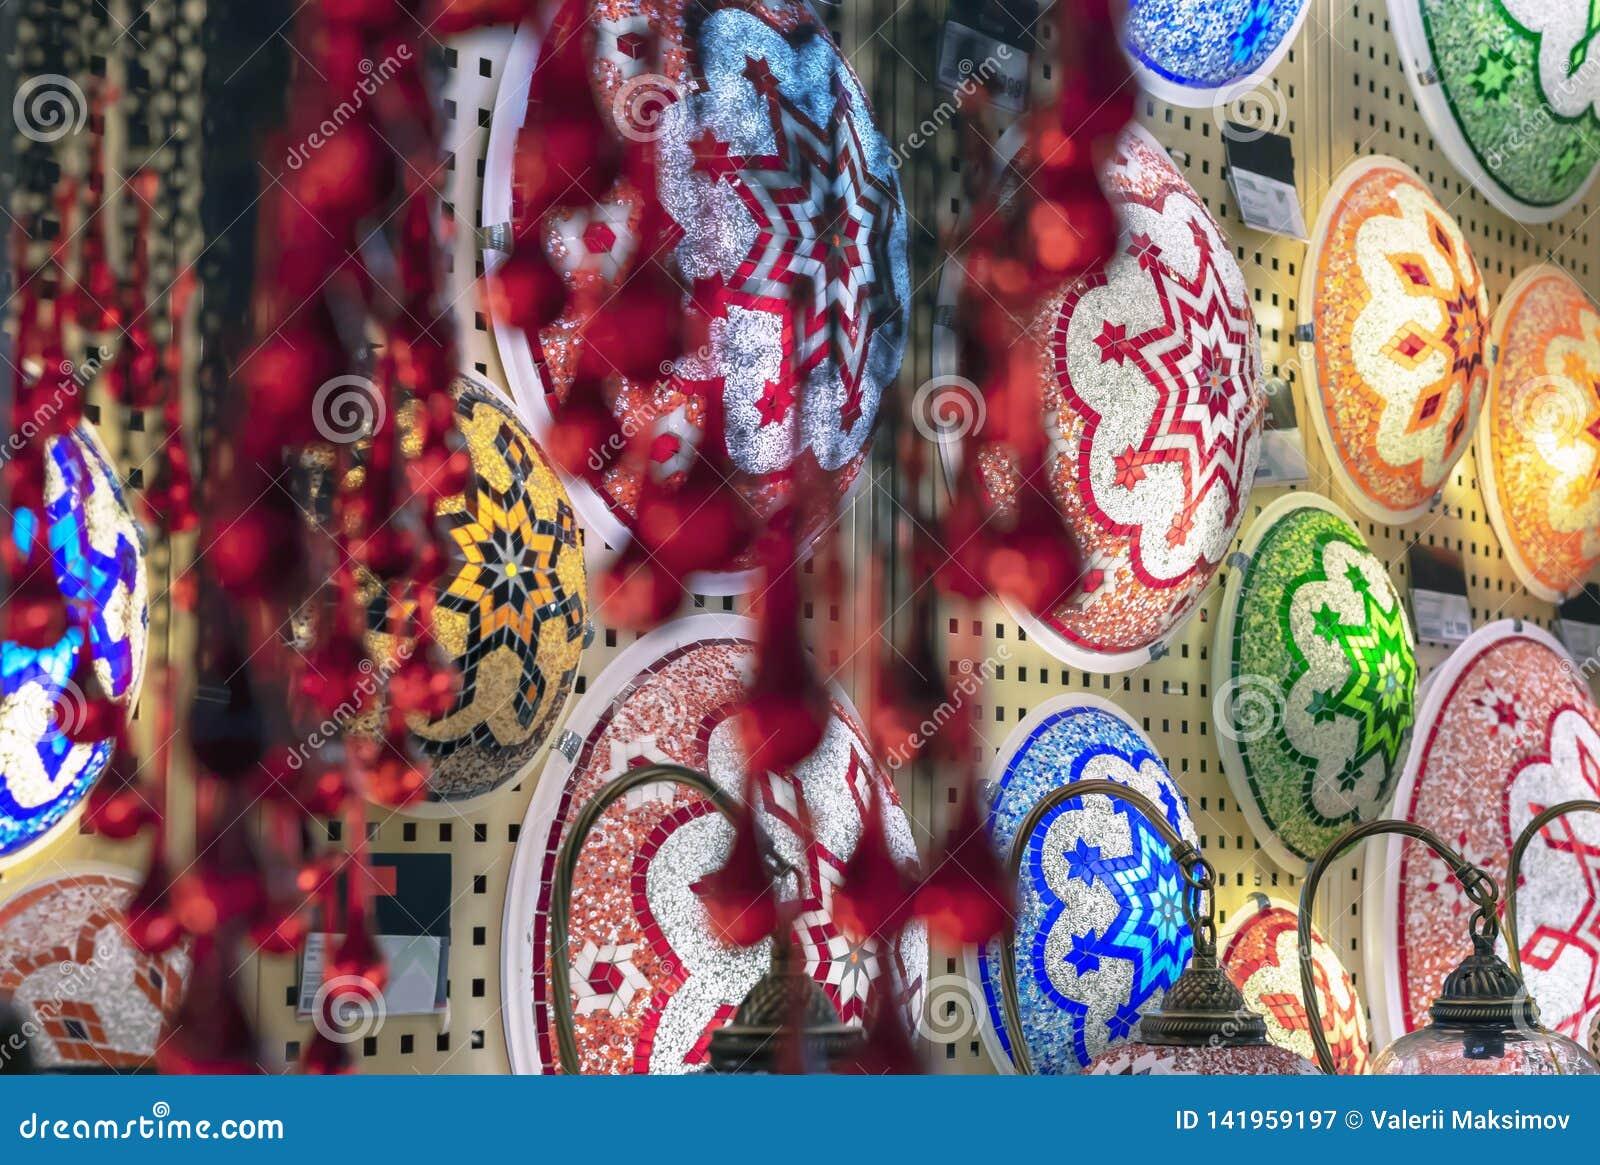 Oosterse lampen van een multi-colored mozaïek in het winkelvenster